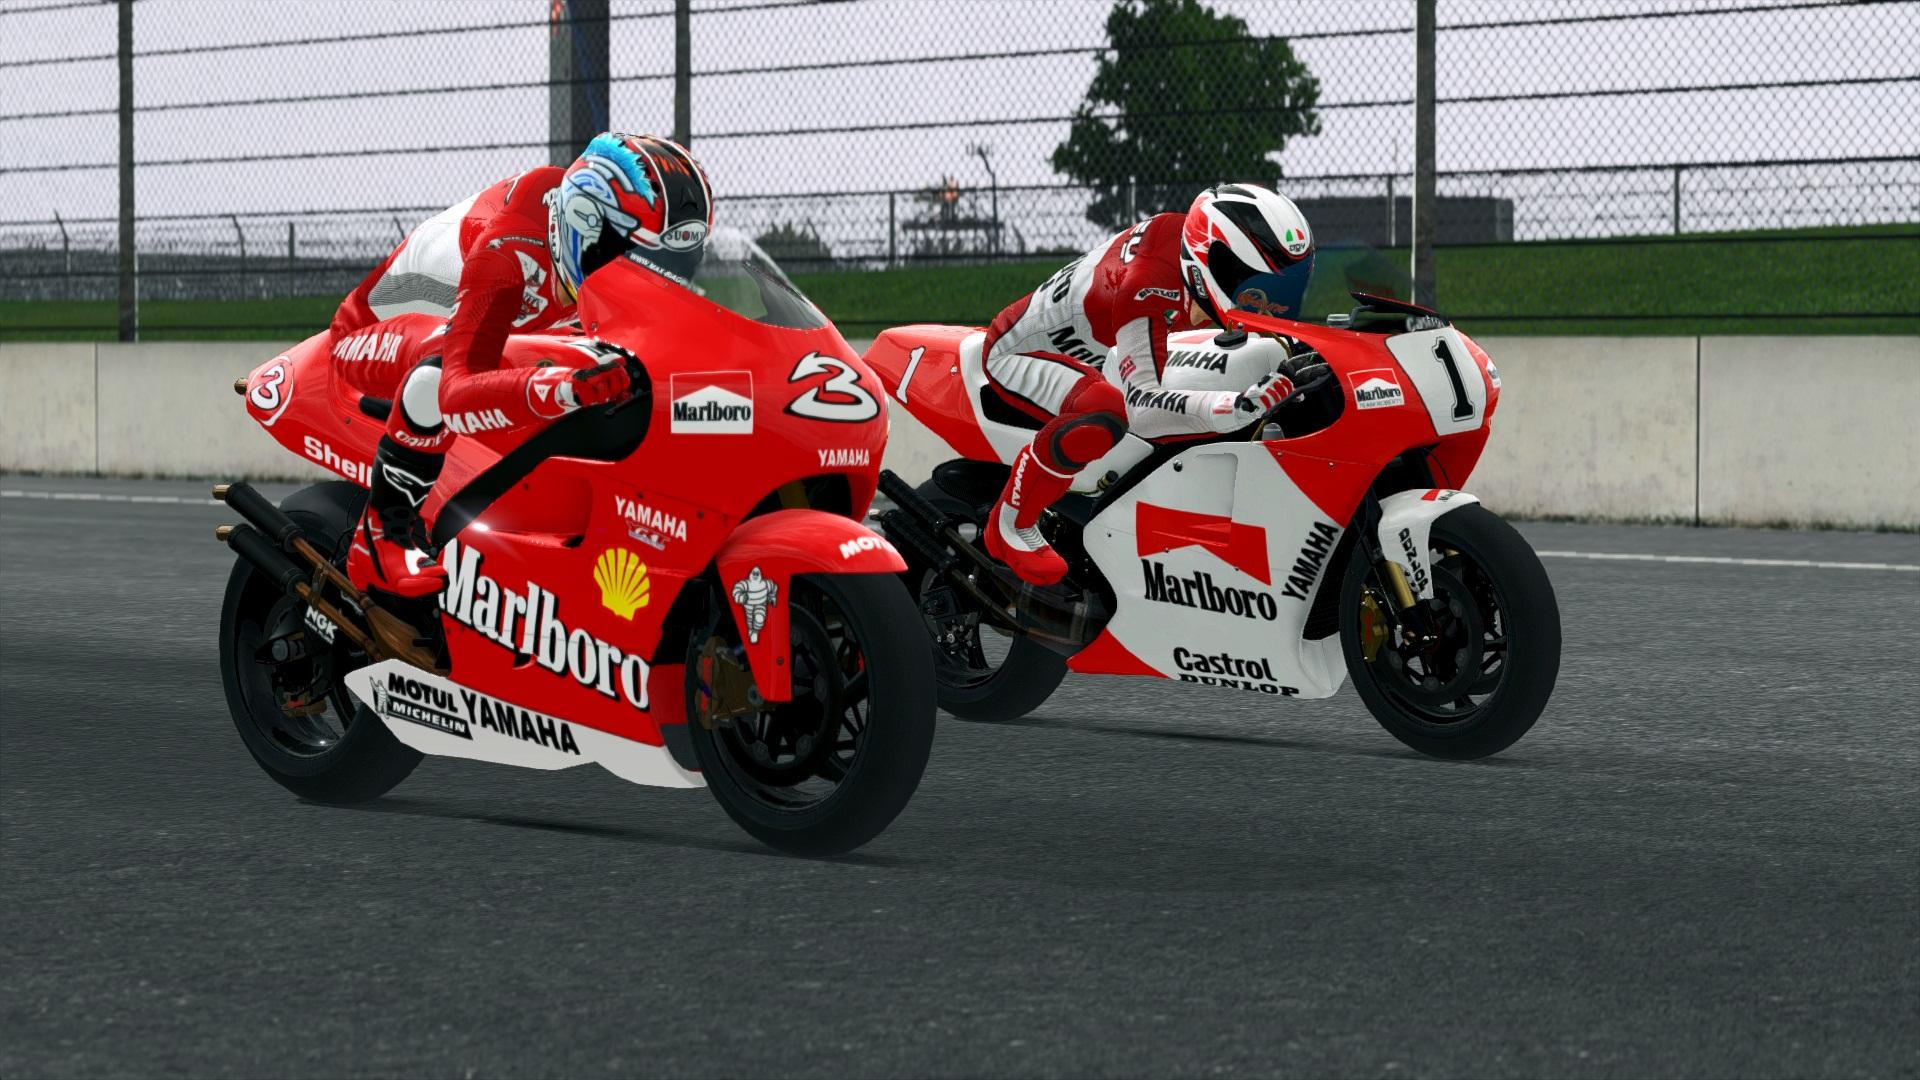 MotoGP14X64.exe_DX11_20140727_095839.jpg